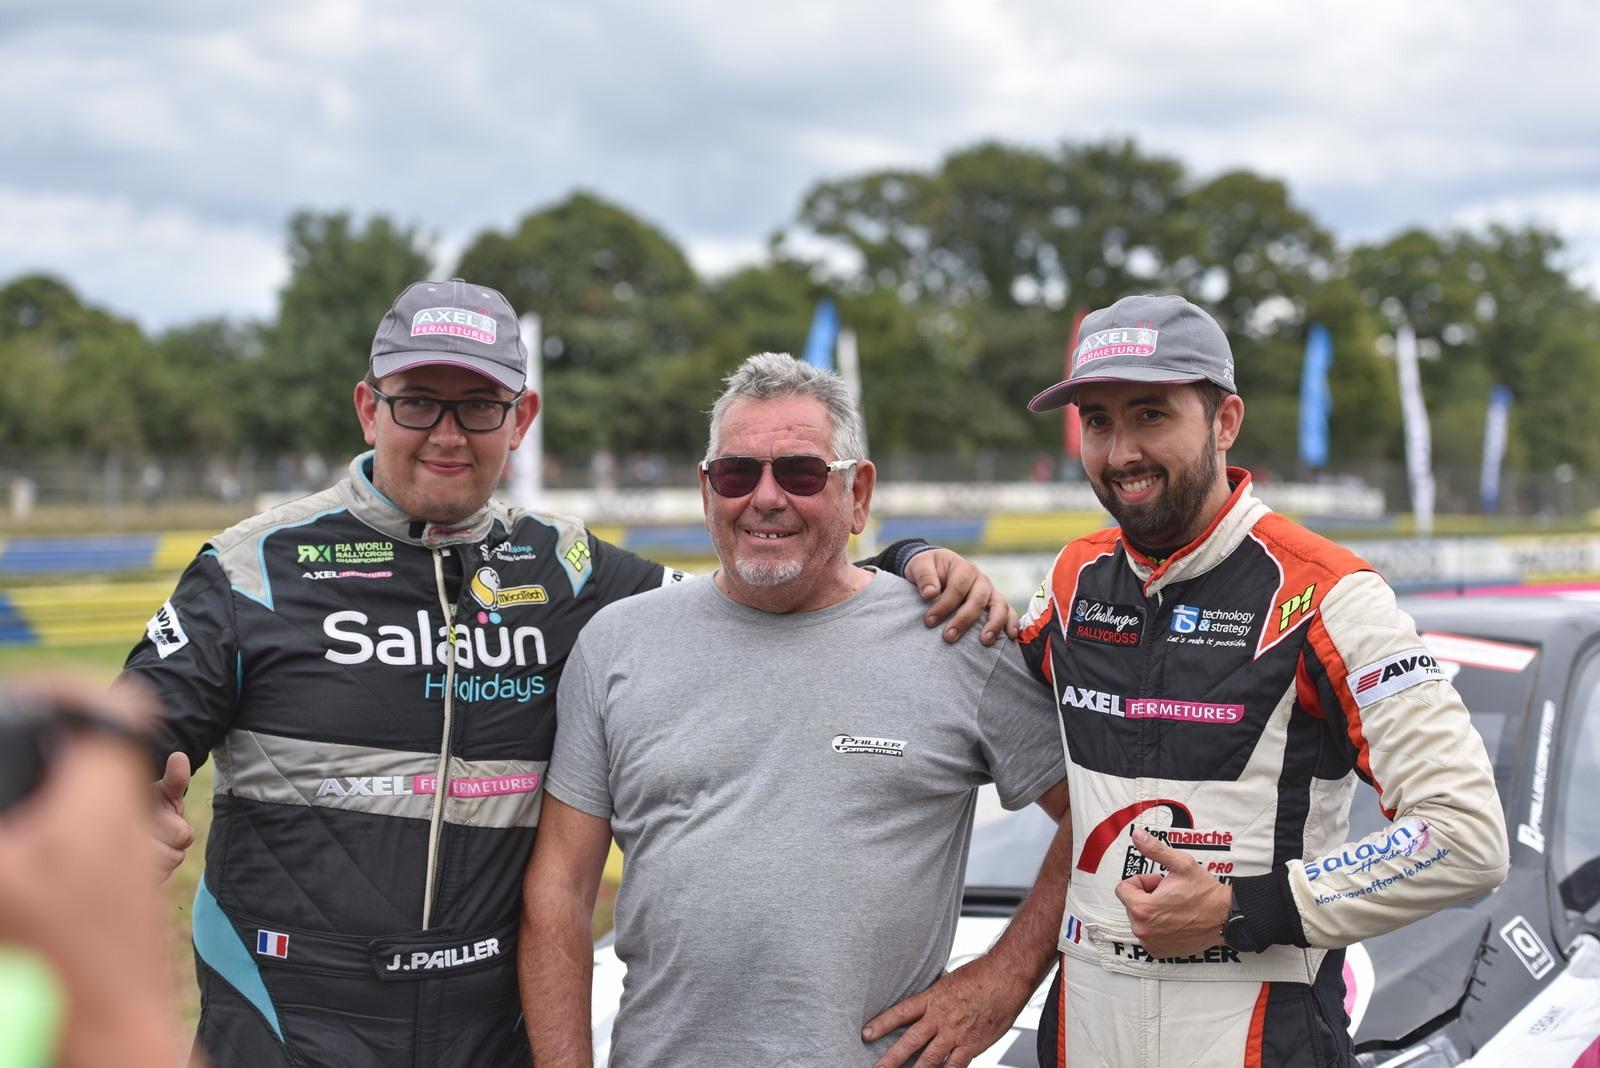 Les frères Pailler s'offrent un doublé au Rallycross de Kerlabo